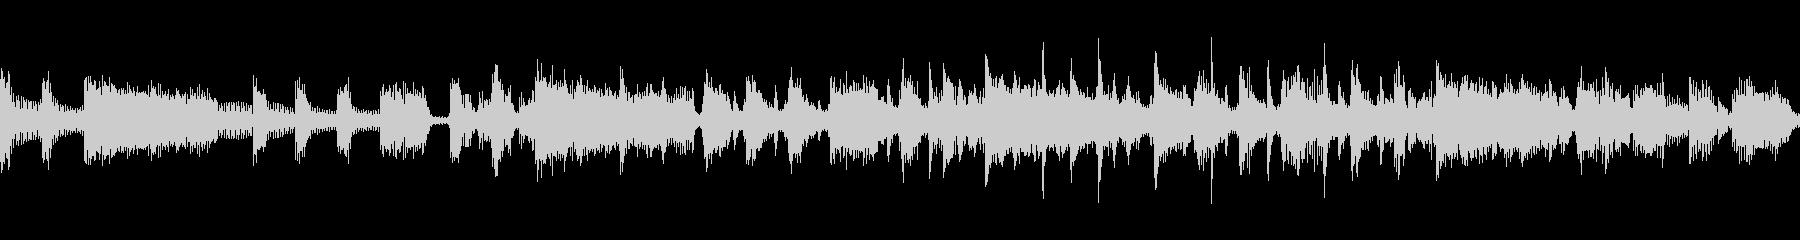 疾走感あるローデイング画面BGMの未再生の波形